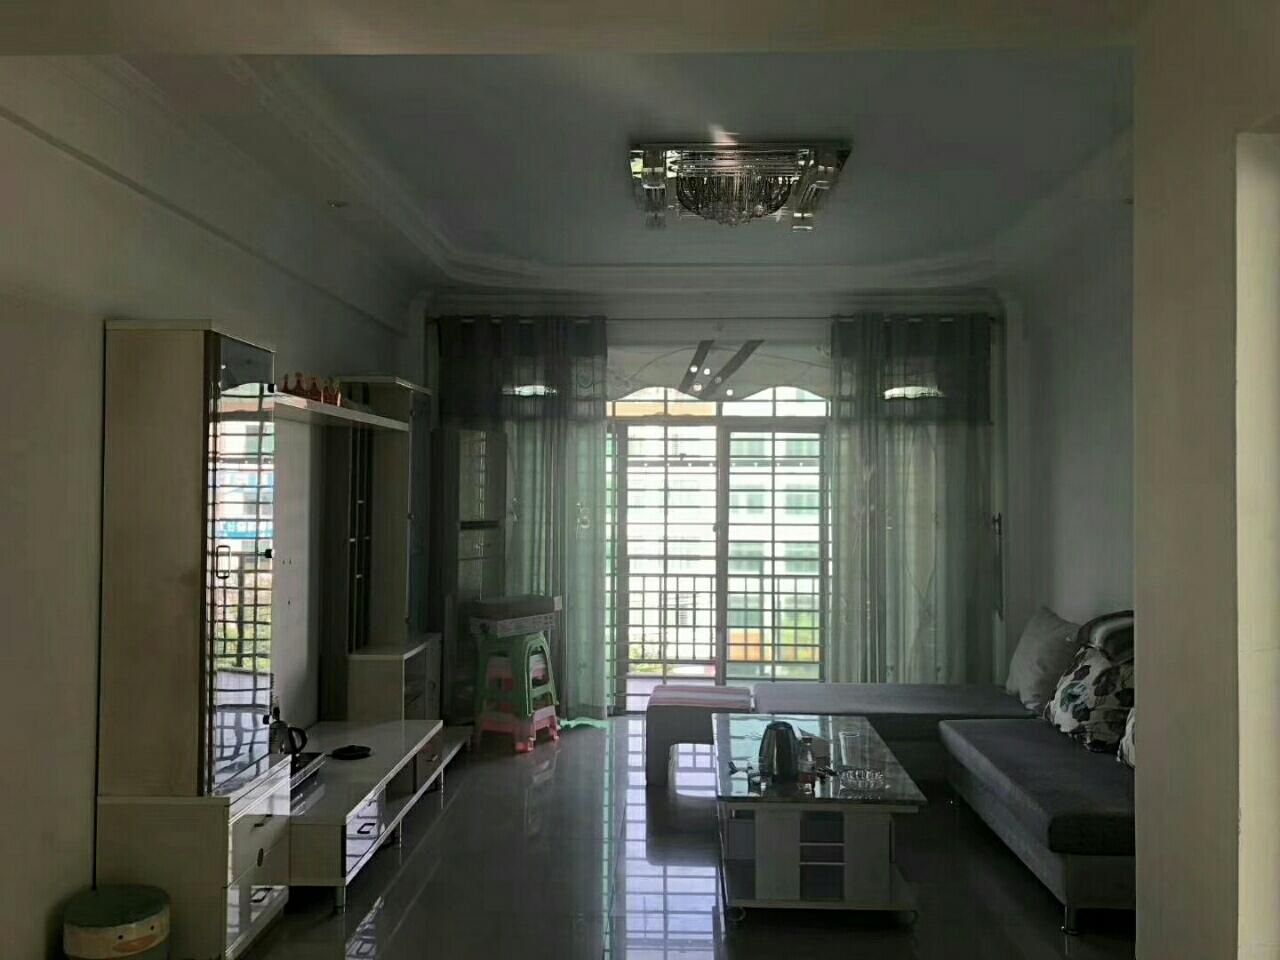 泰安苑3室2厅2卫73万元